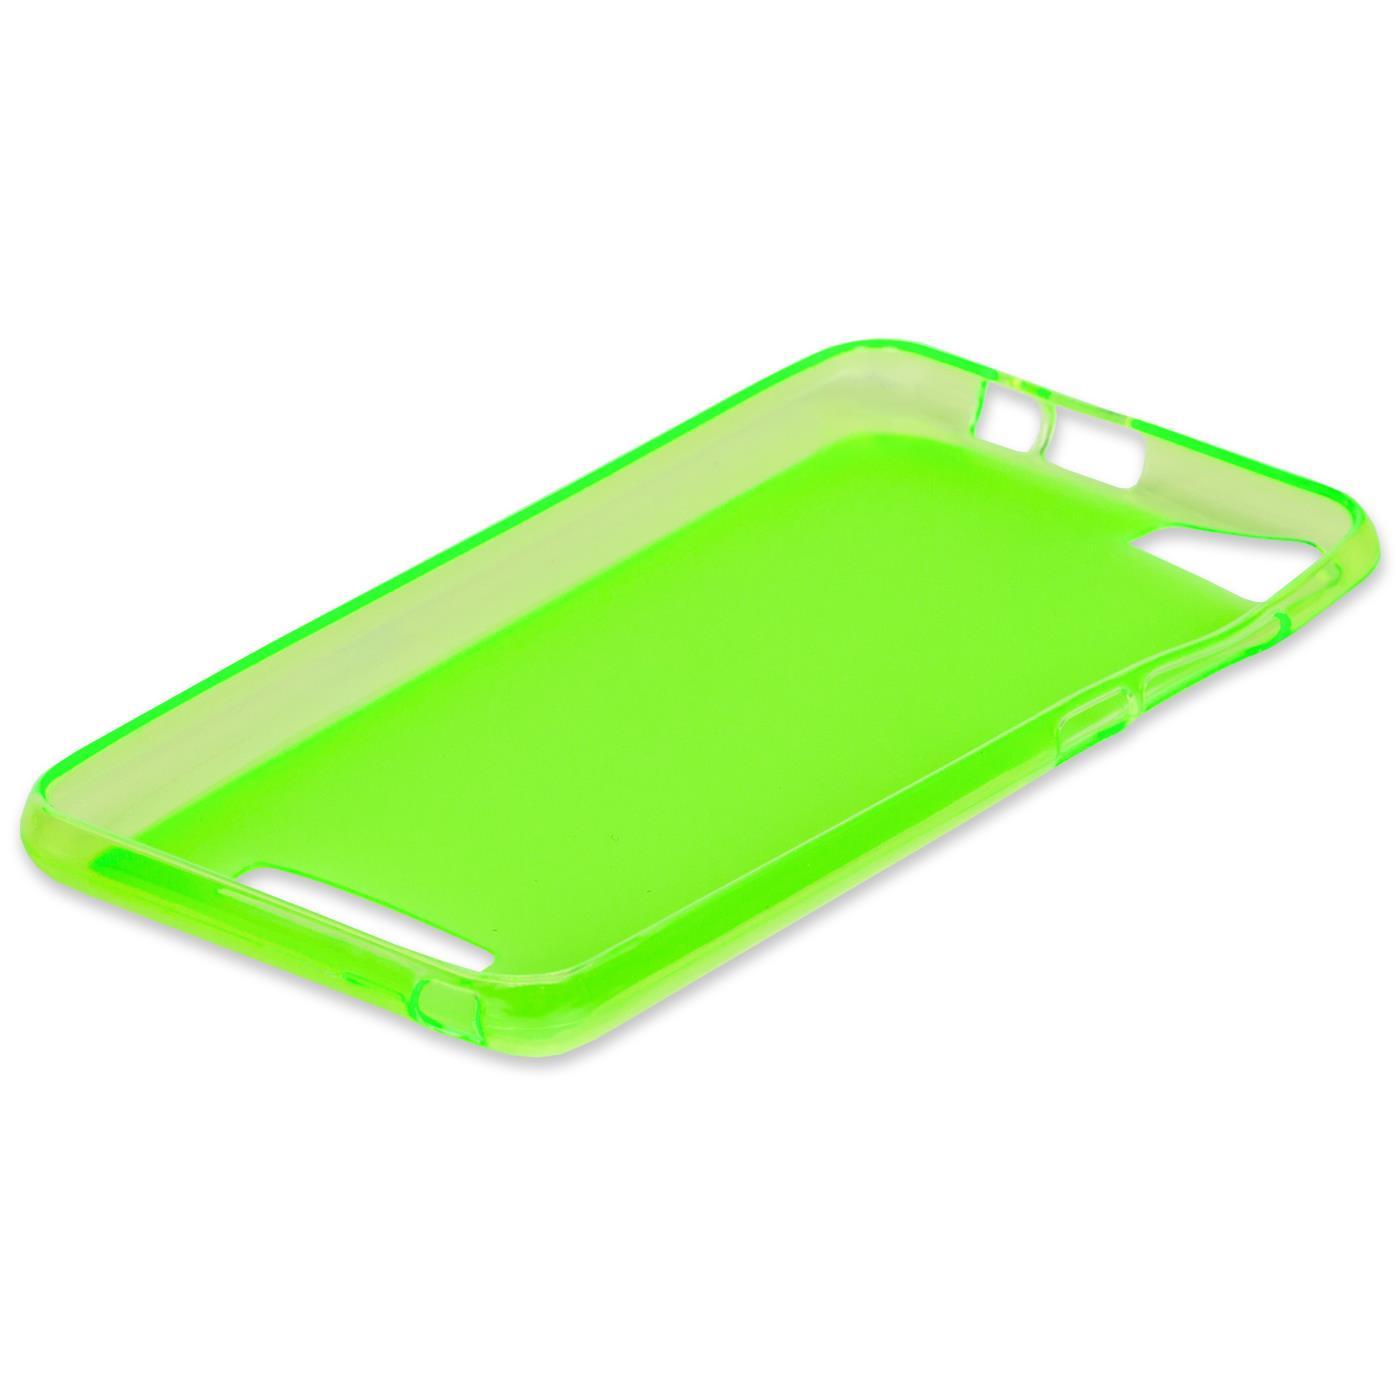 Duenn-Slim-Cover-Wiko-Fever-Handy-Huelle-Silikon-Case-Schutz-Tasche-Bumper-Gruen Indexbild 5